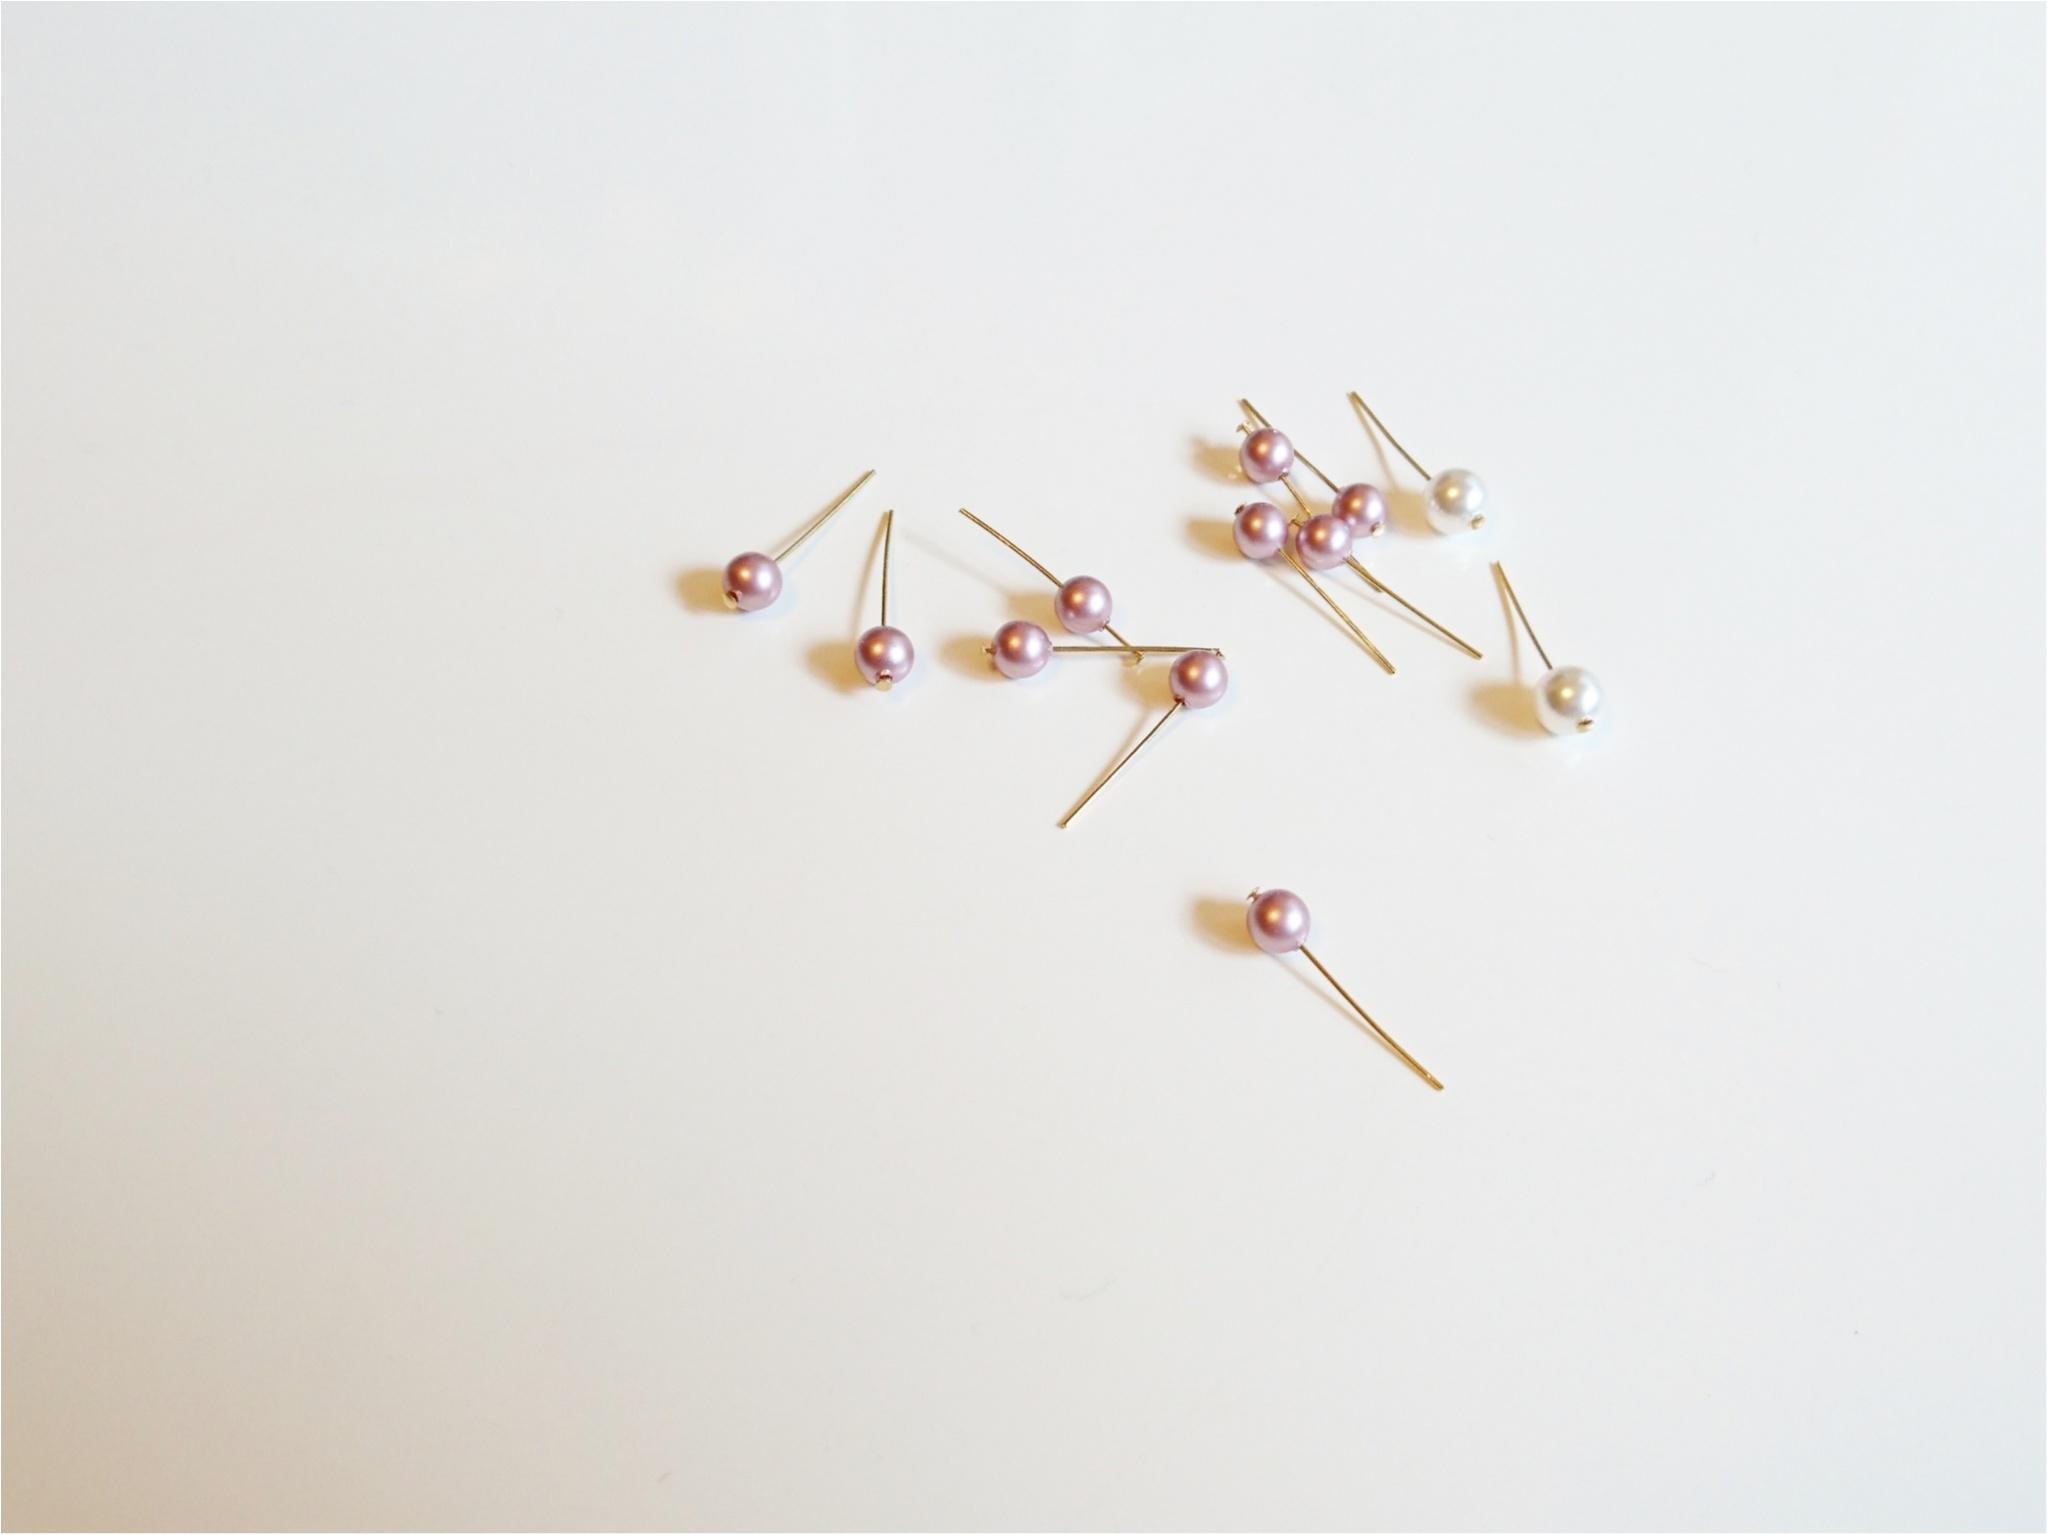 【ハンドメイド】簡単!手作りアクセサリー ~大人可愛いピアス編~_3